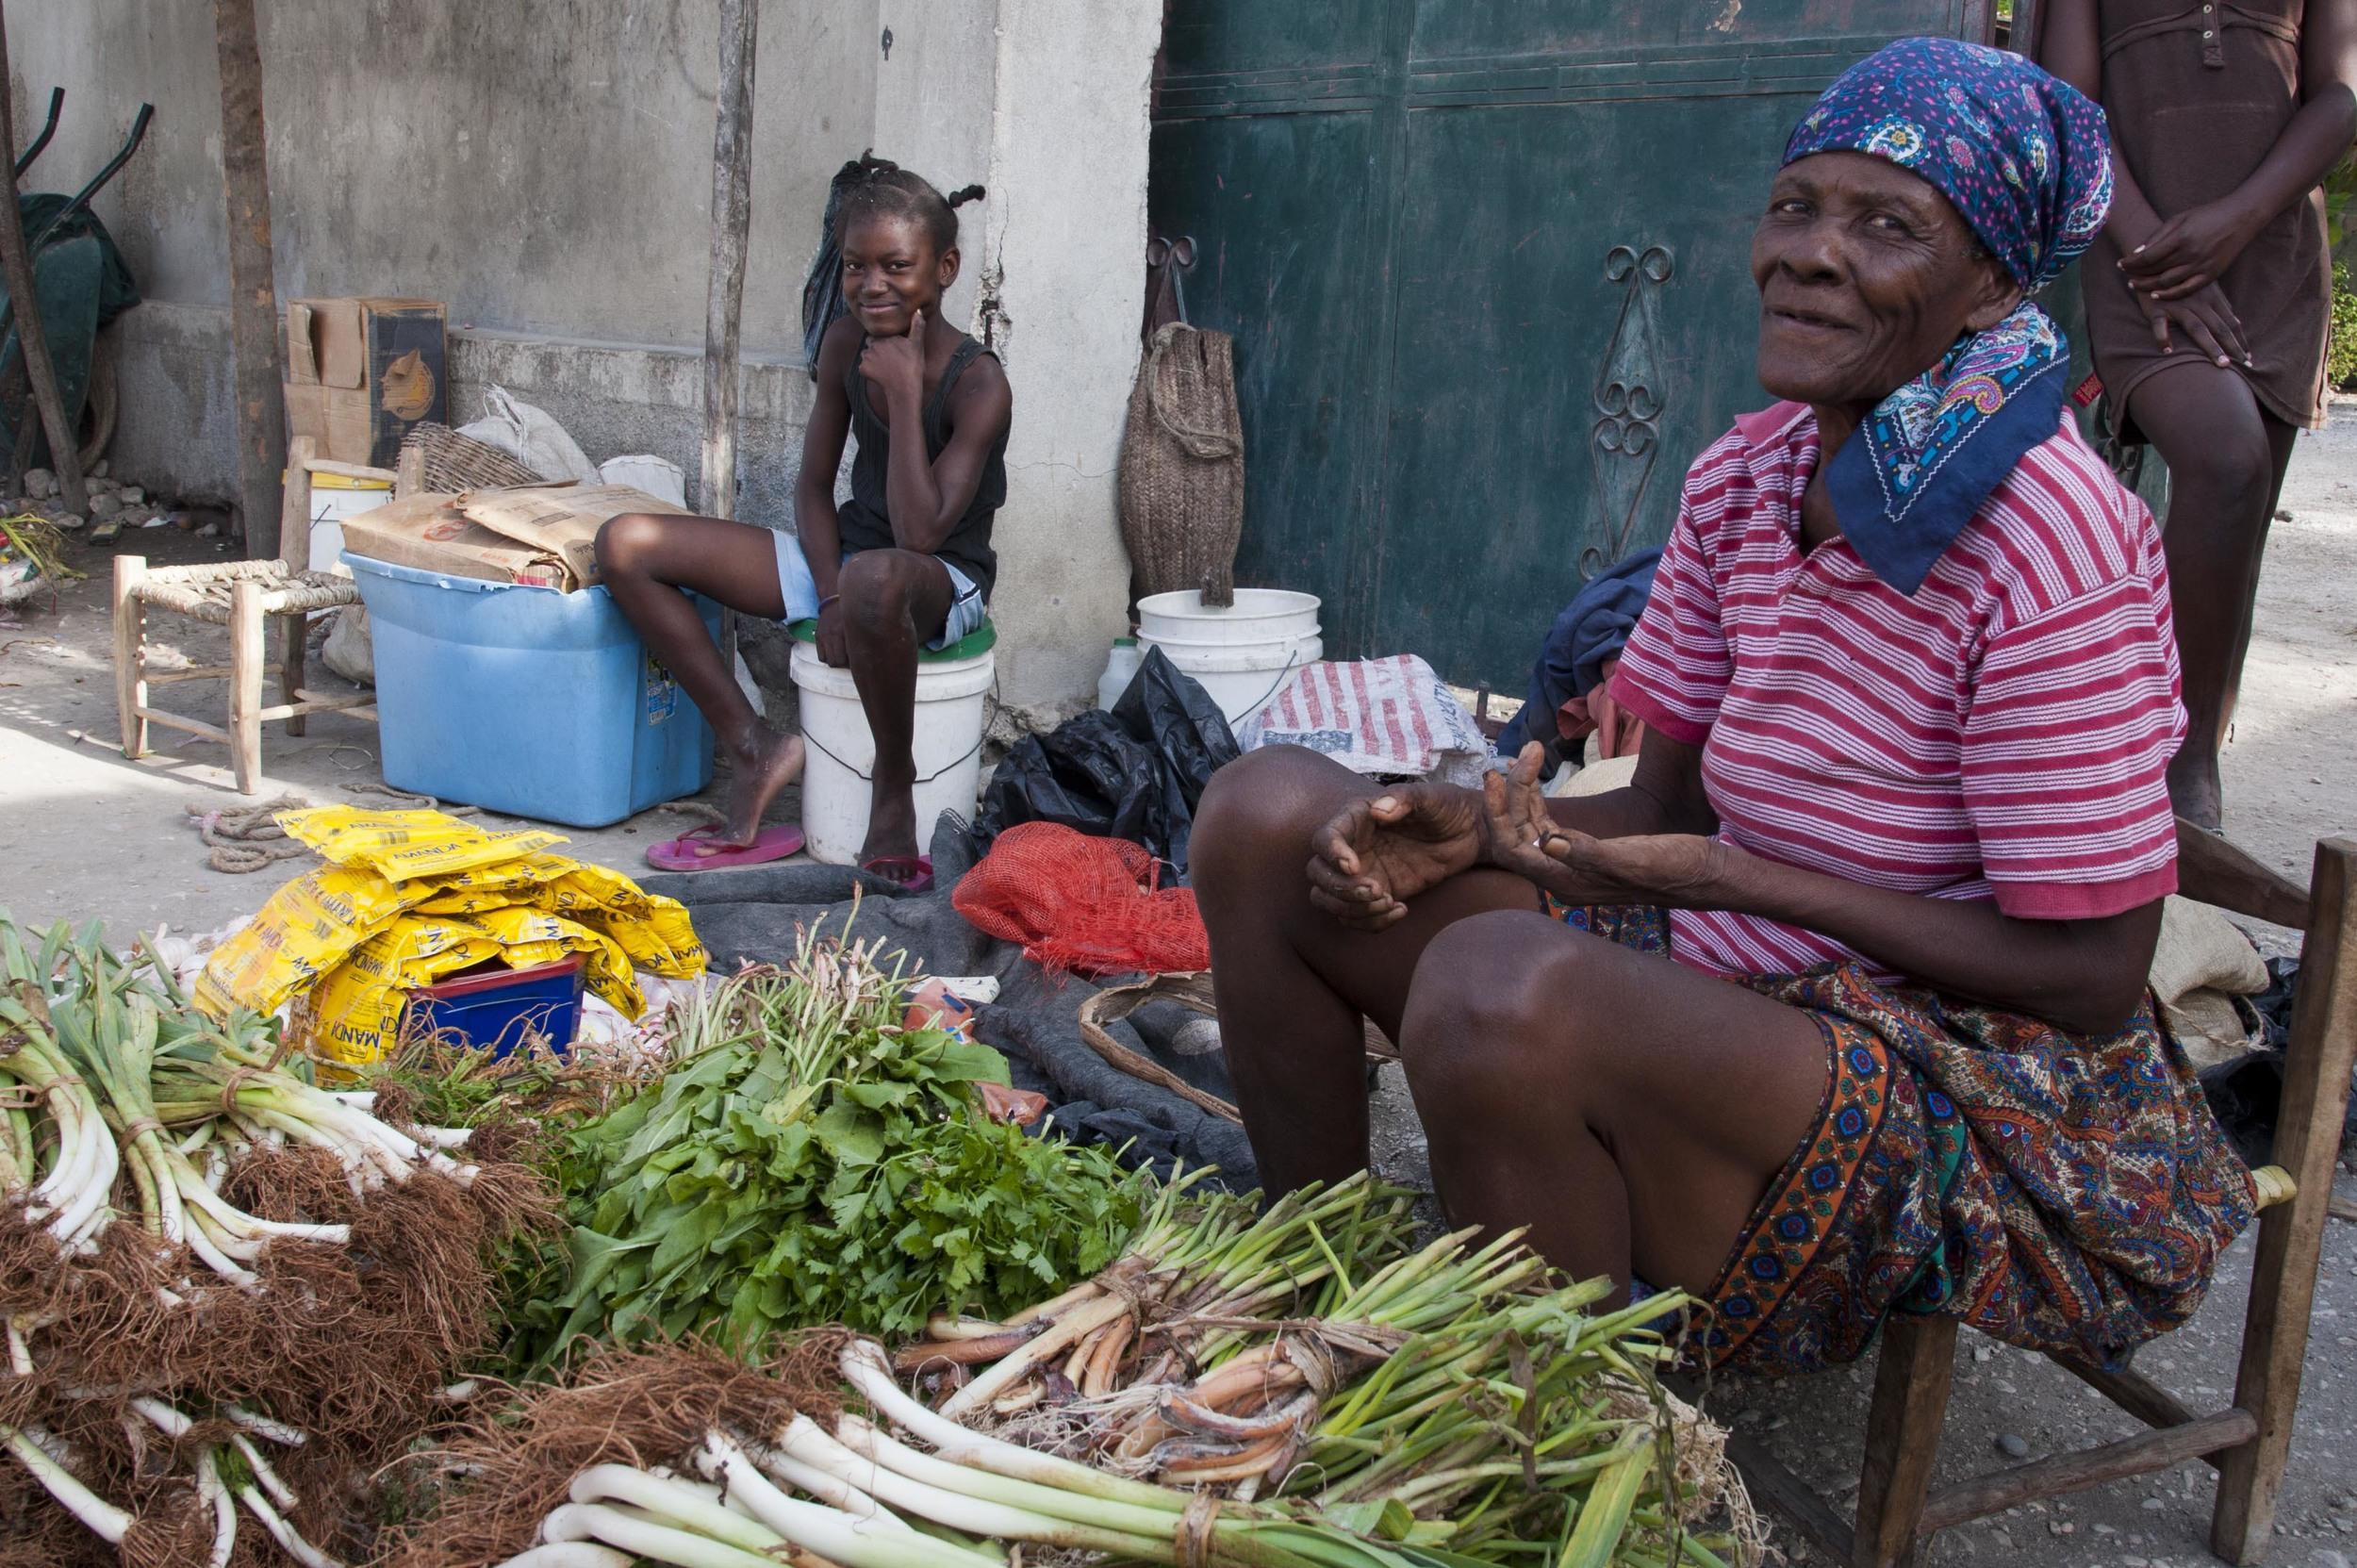 Haiti-market-2.jpg